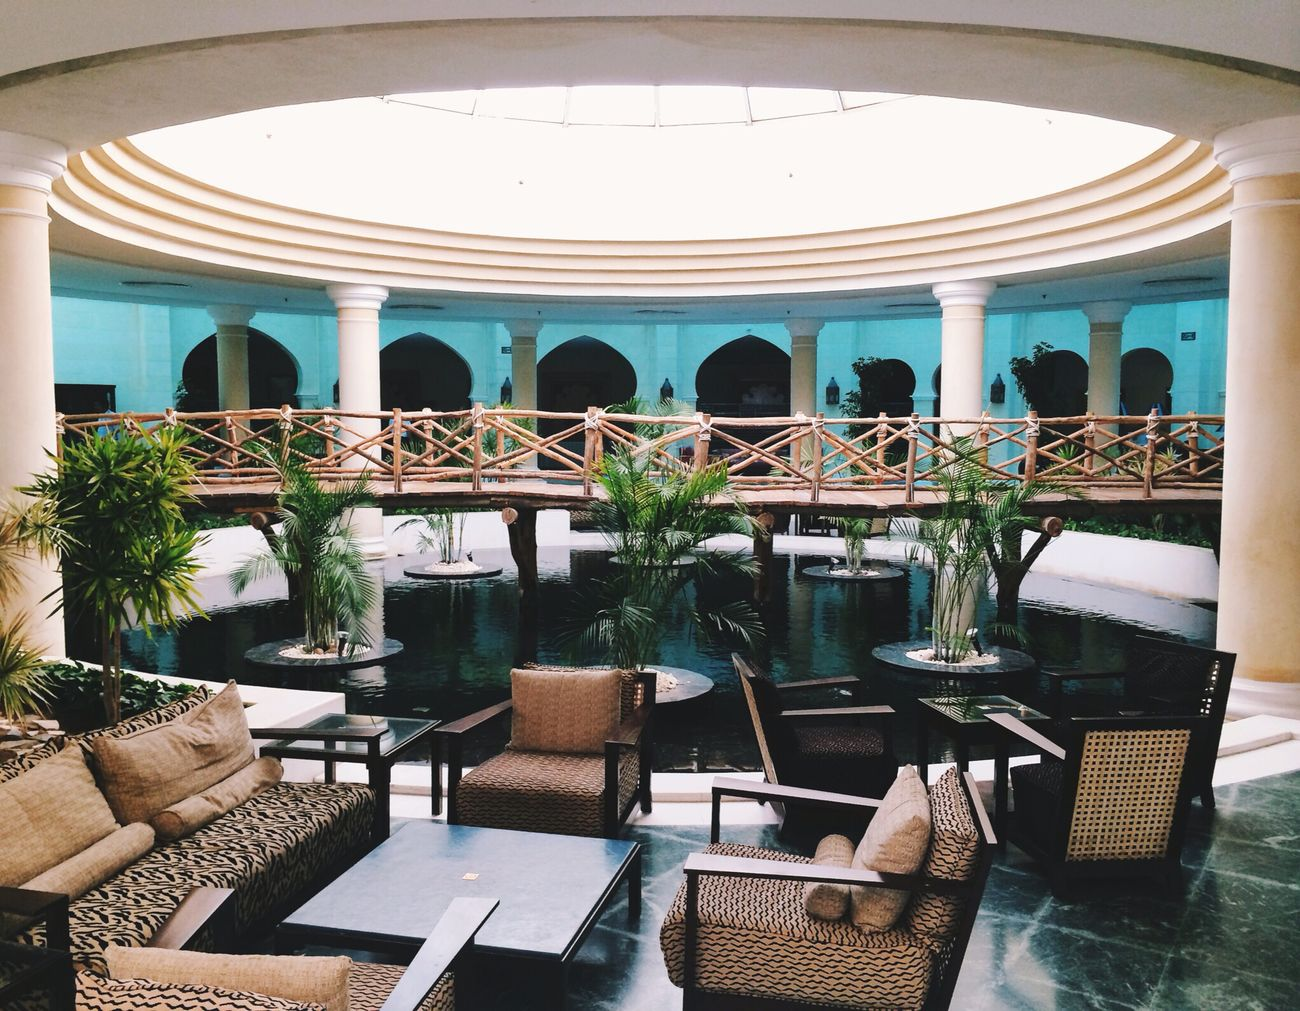 Hotel Hotel Lobby Holidays Paradise May 2014